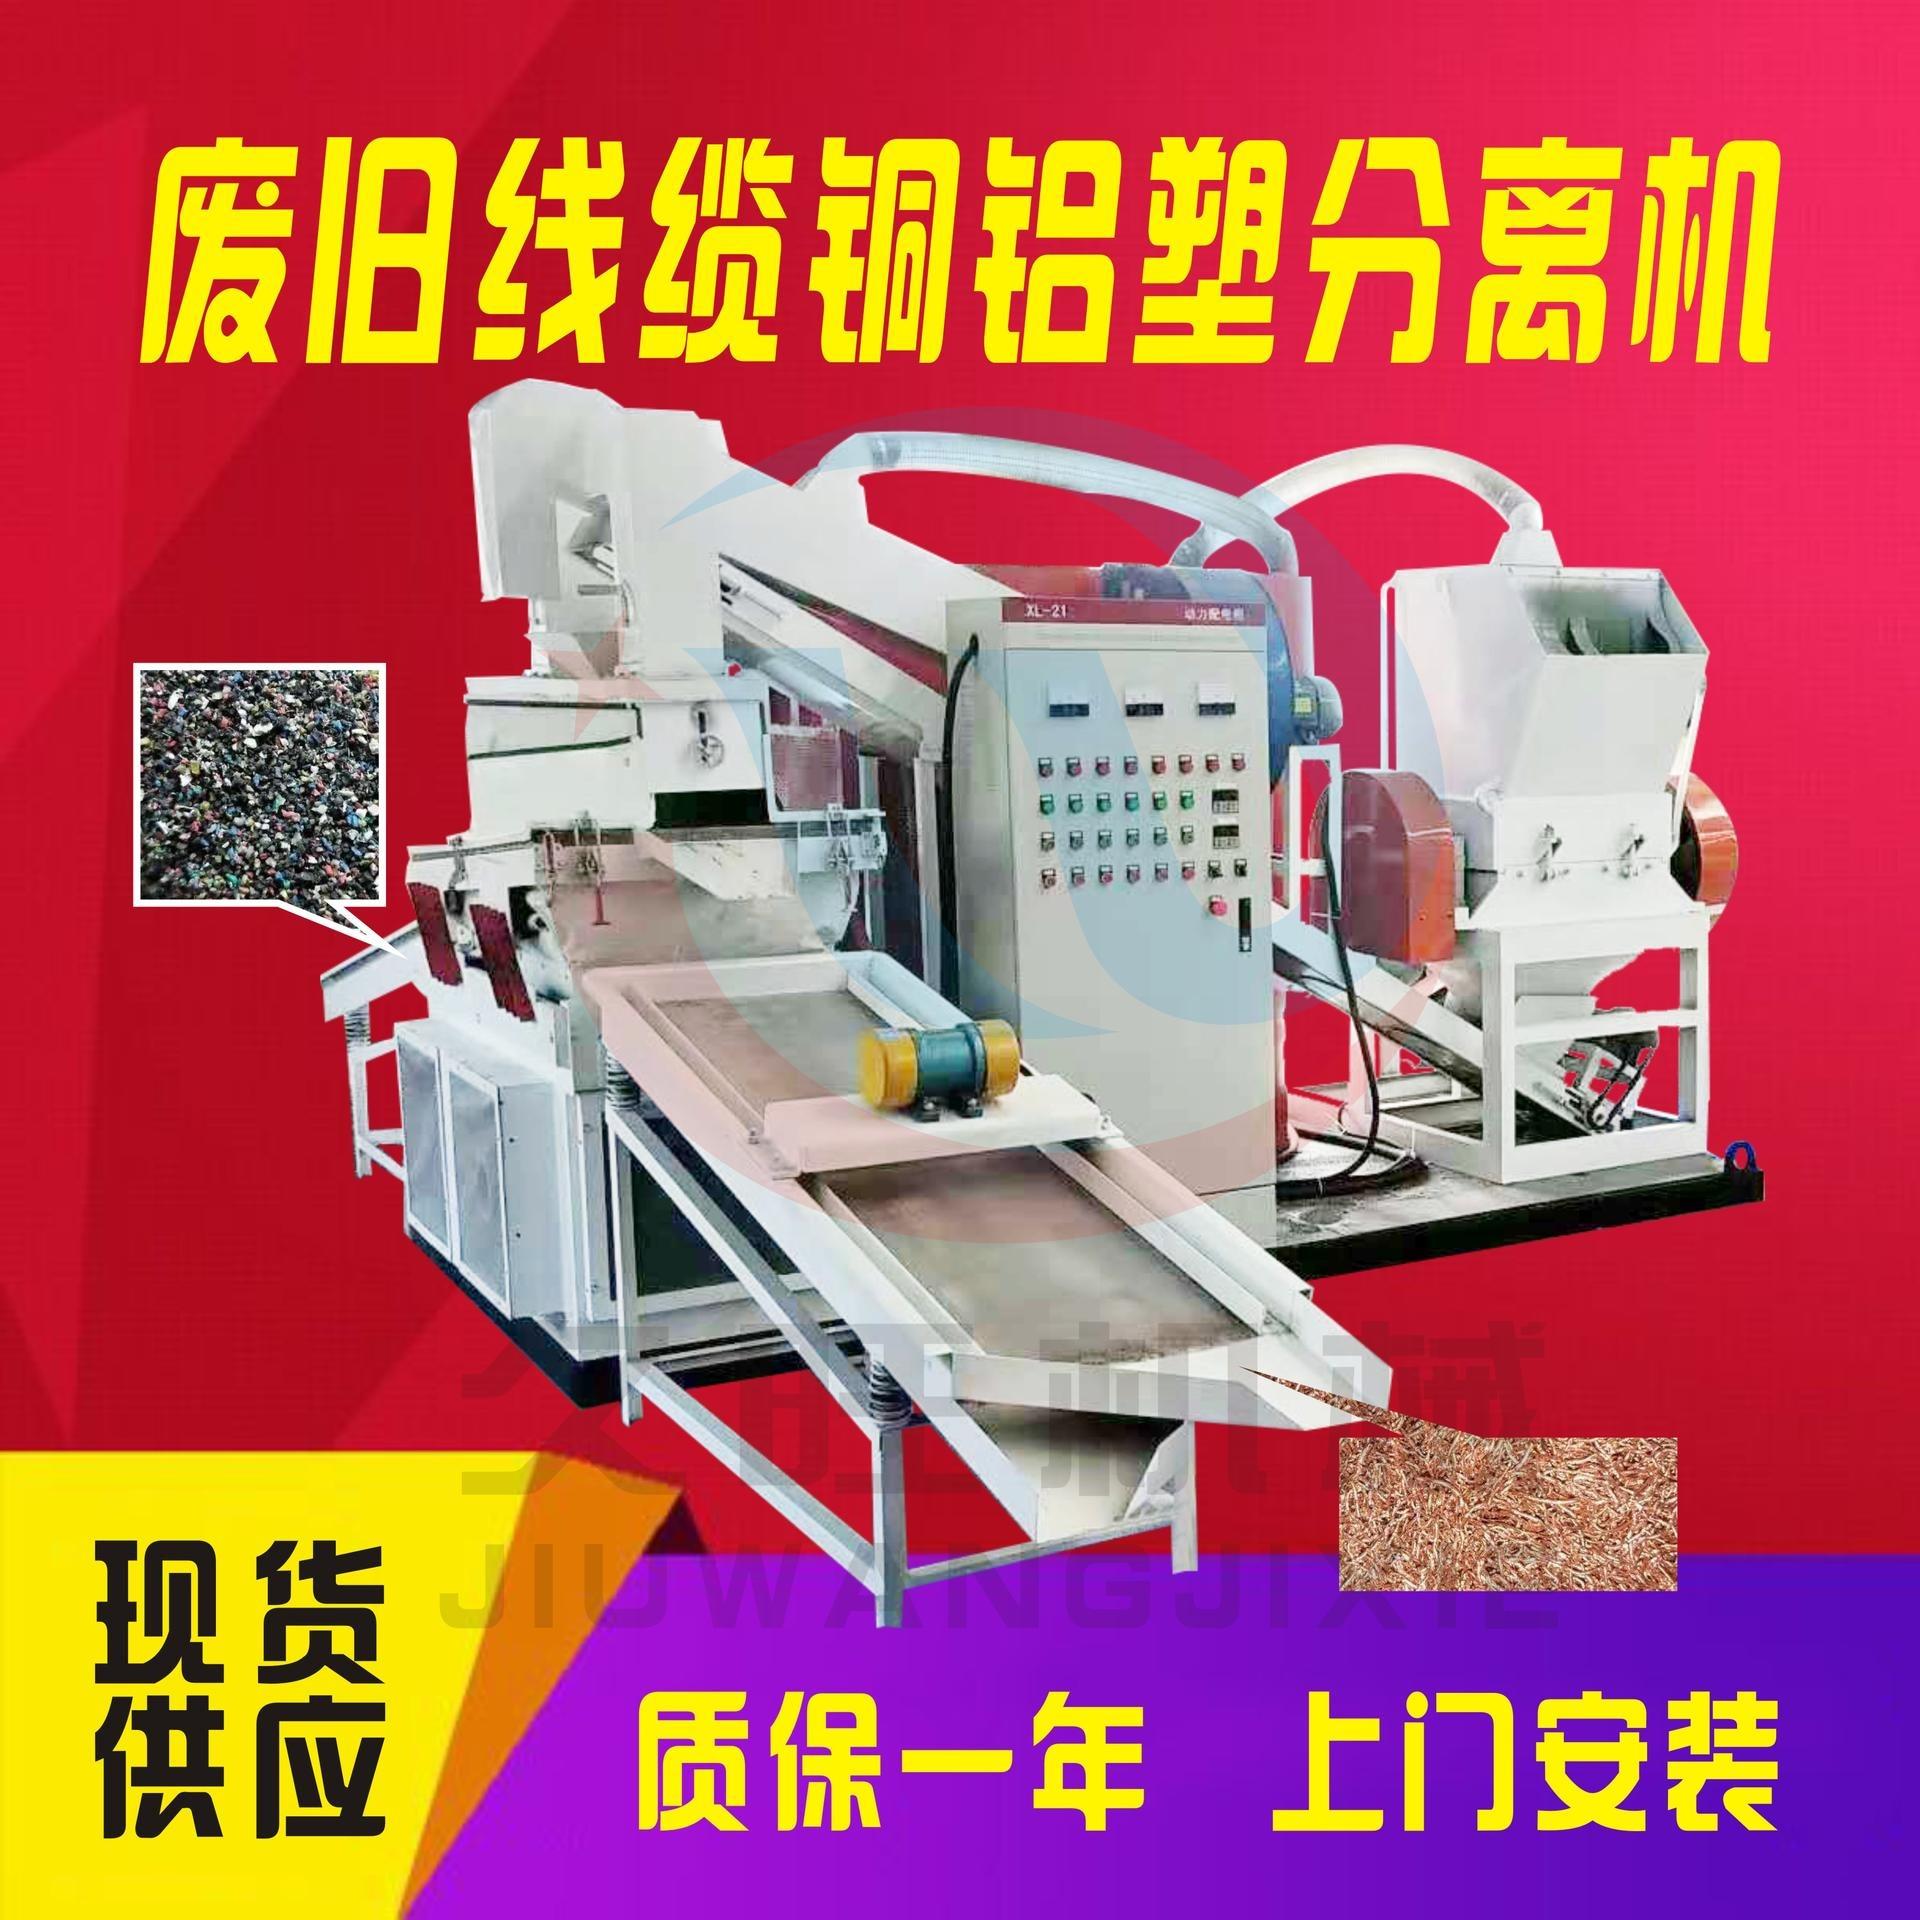 久旺新型全自動干式銅米機 雜線小型銅米機 銅鋁塑料靜電分離粉銅機廠家直銷現貨供應